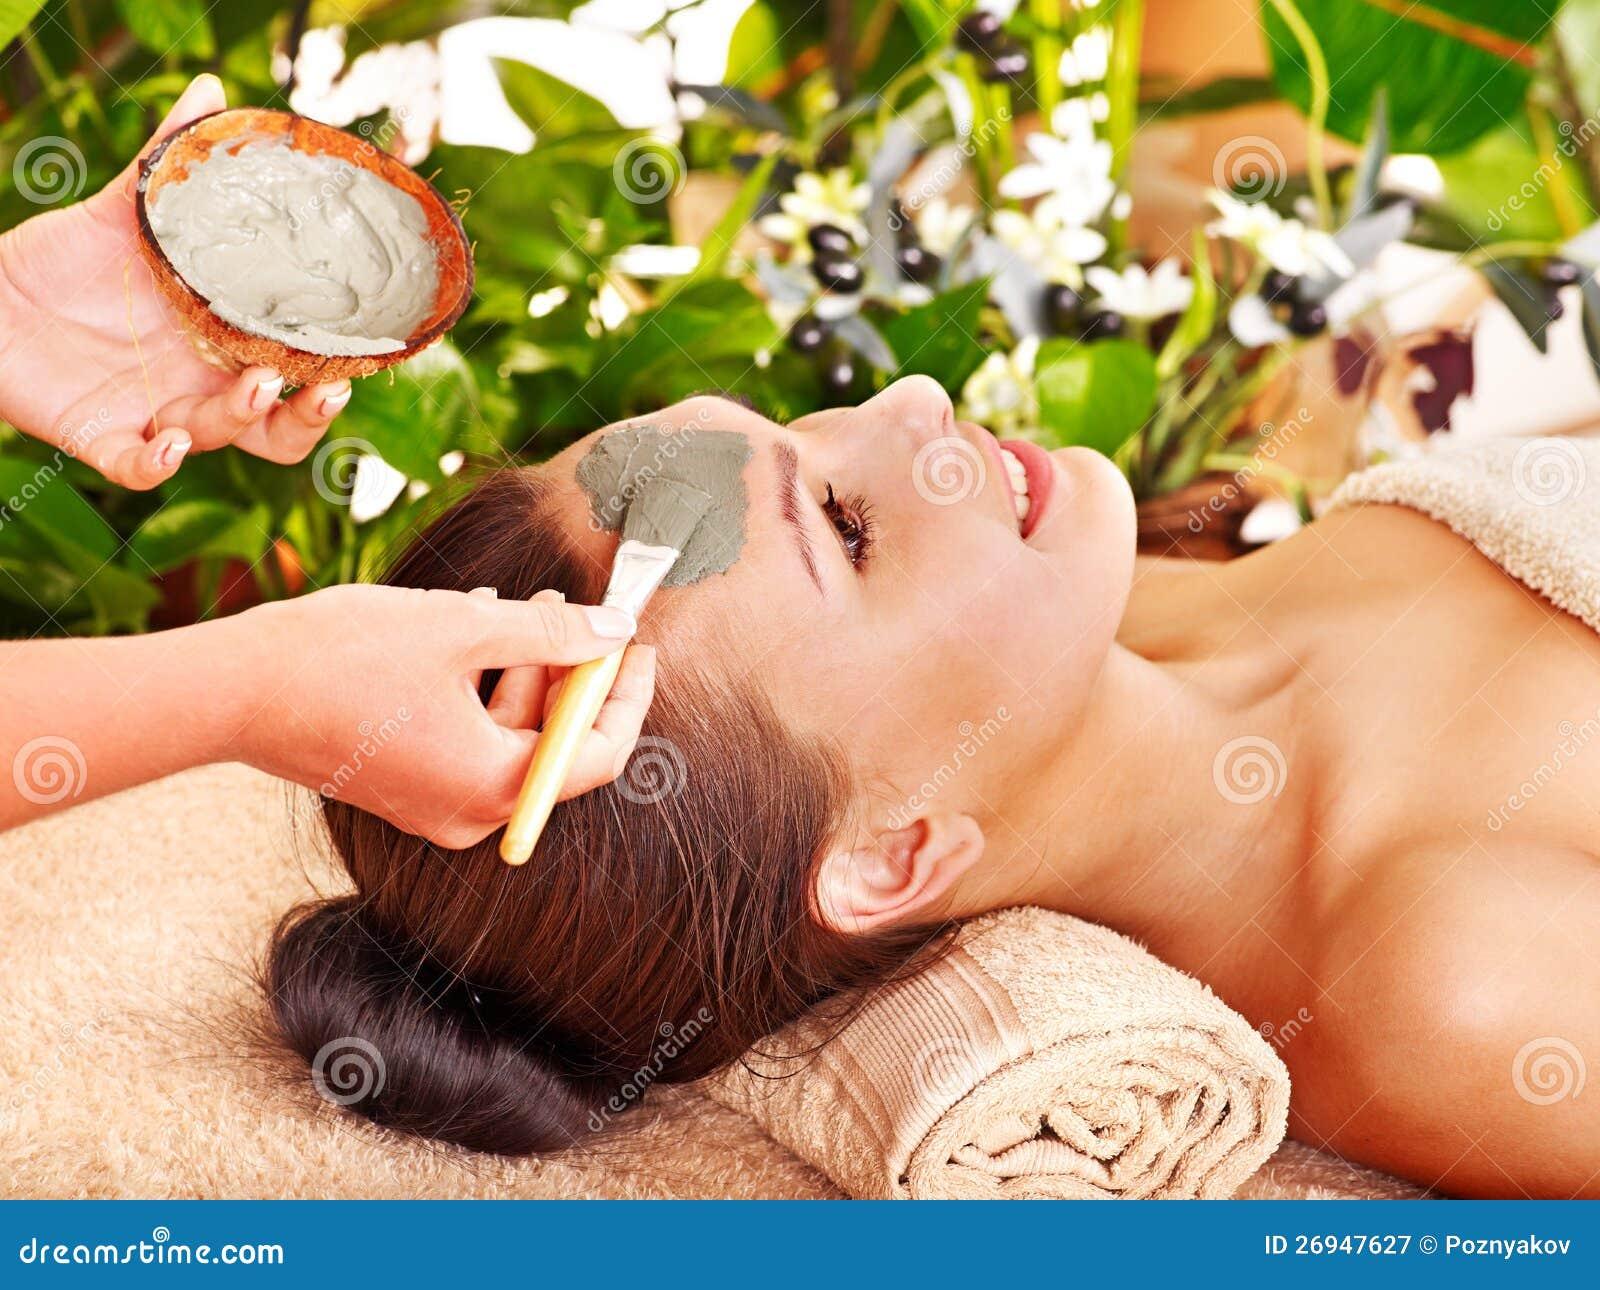 Mascherina facciale dell argilla nella stazione termale di bellezza.